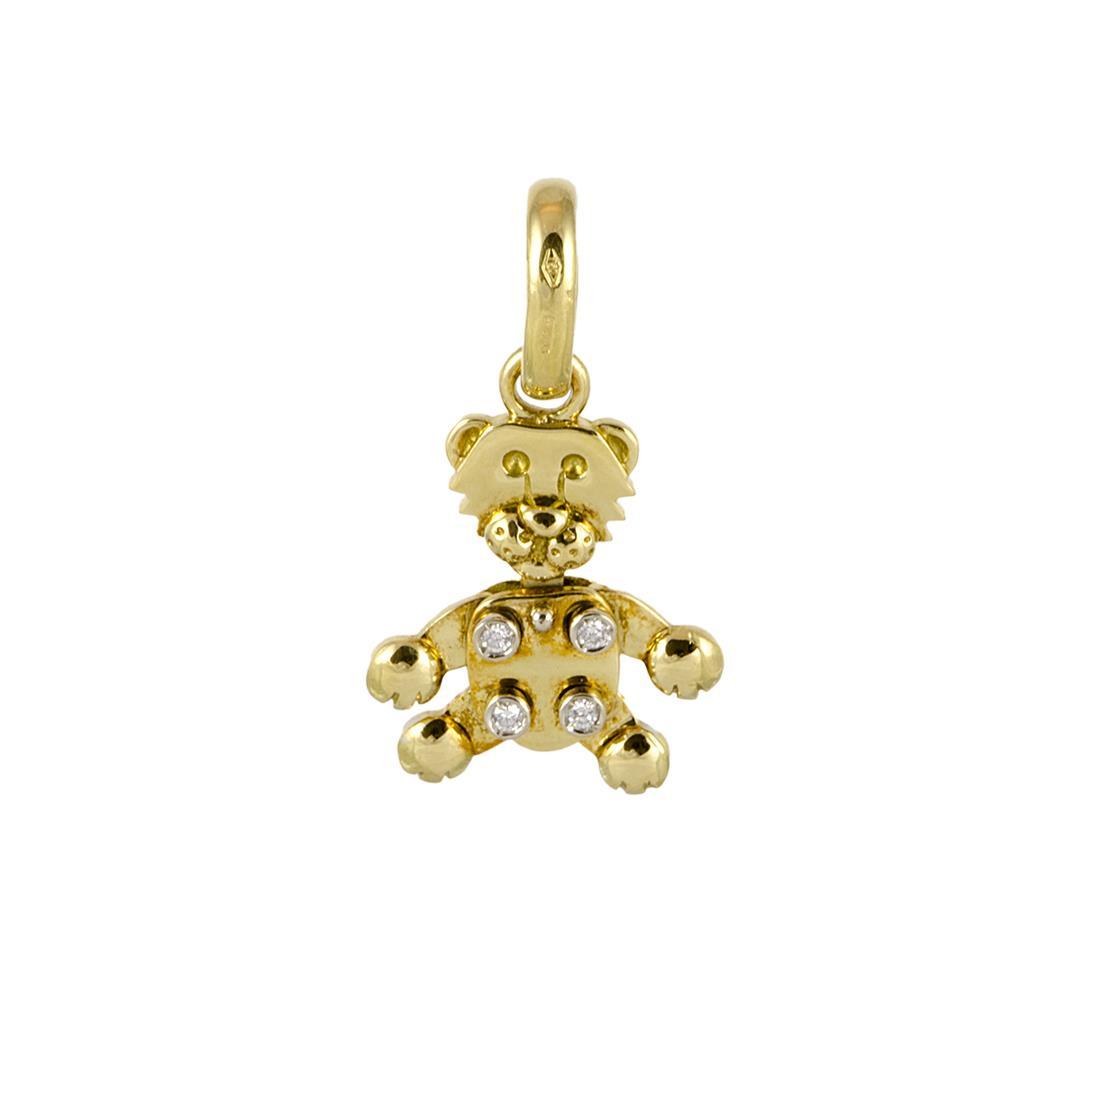 Pendente in oro giallo a forma di leoncino con diamanti ct 0,04, dimensione 2 cm - POMELLATO